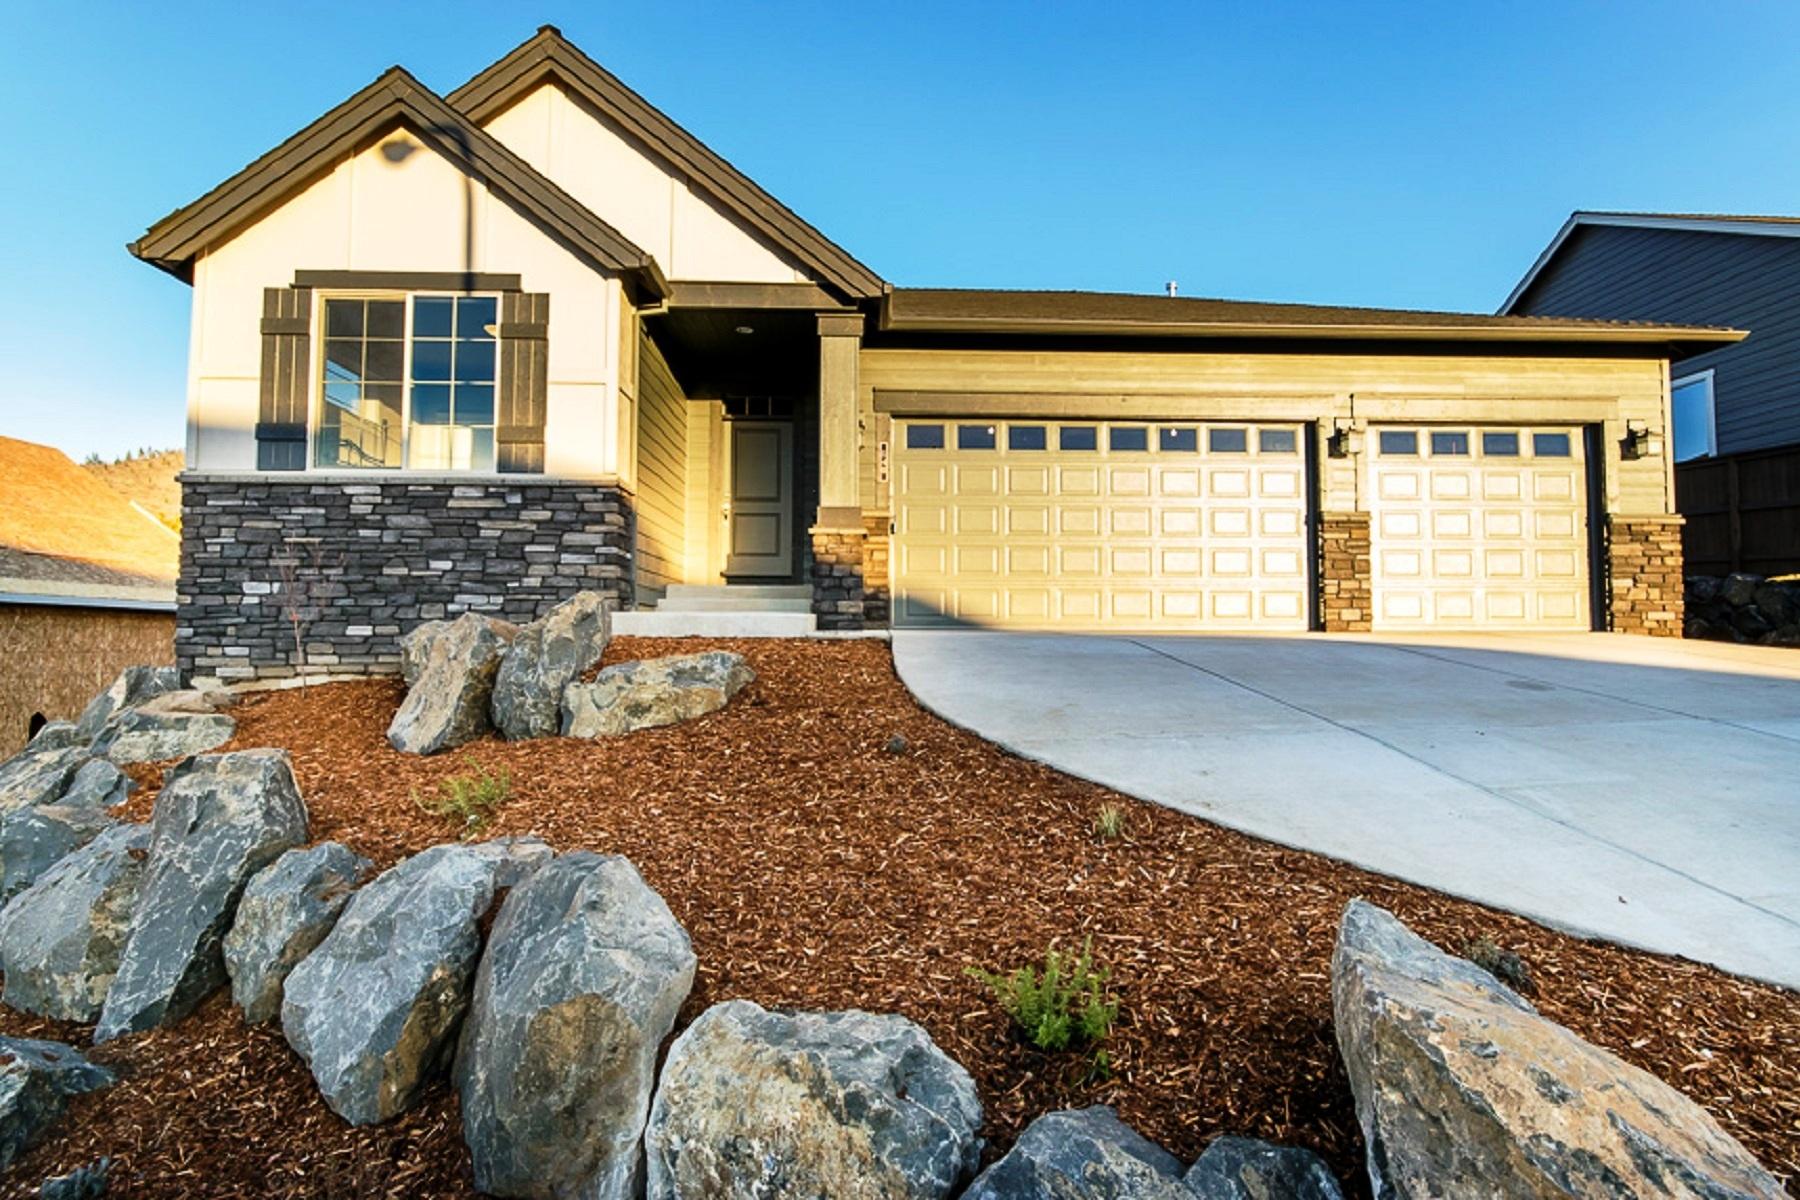 Villa per Vendita alle ore Pahlisch Built Home in Ochoco Pointe 855 NE Hudspeth Cir Lot 146 Prineville, Oregon, 97754 Stati Uniti